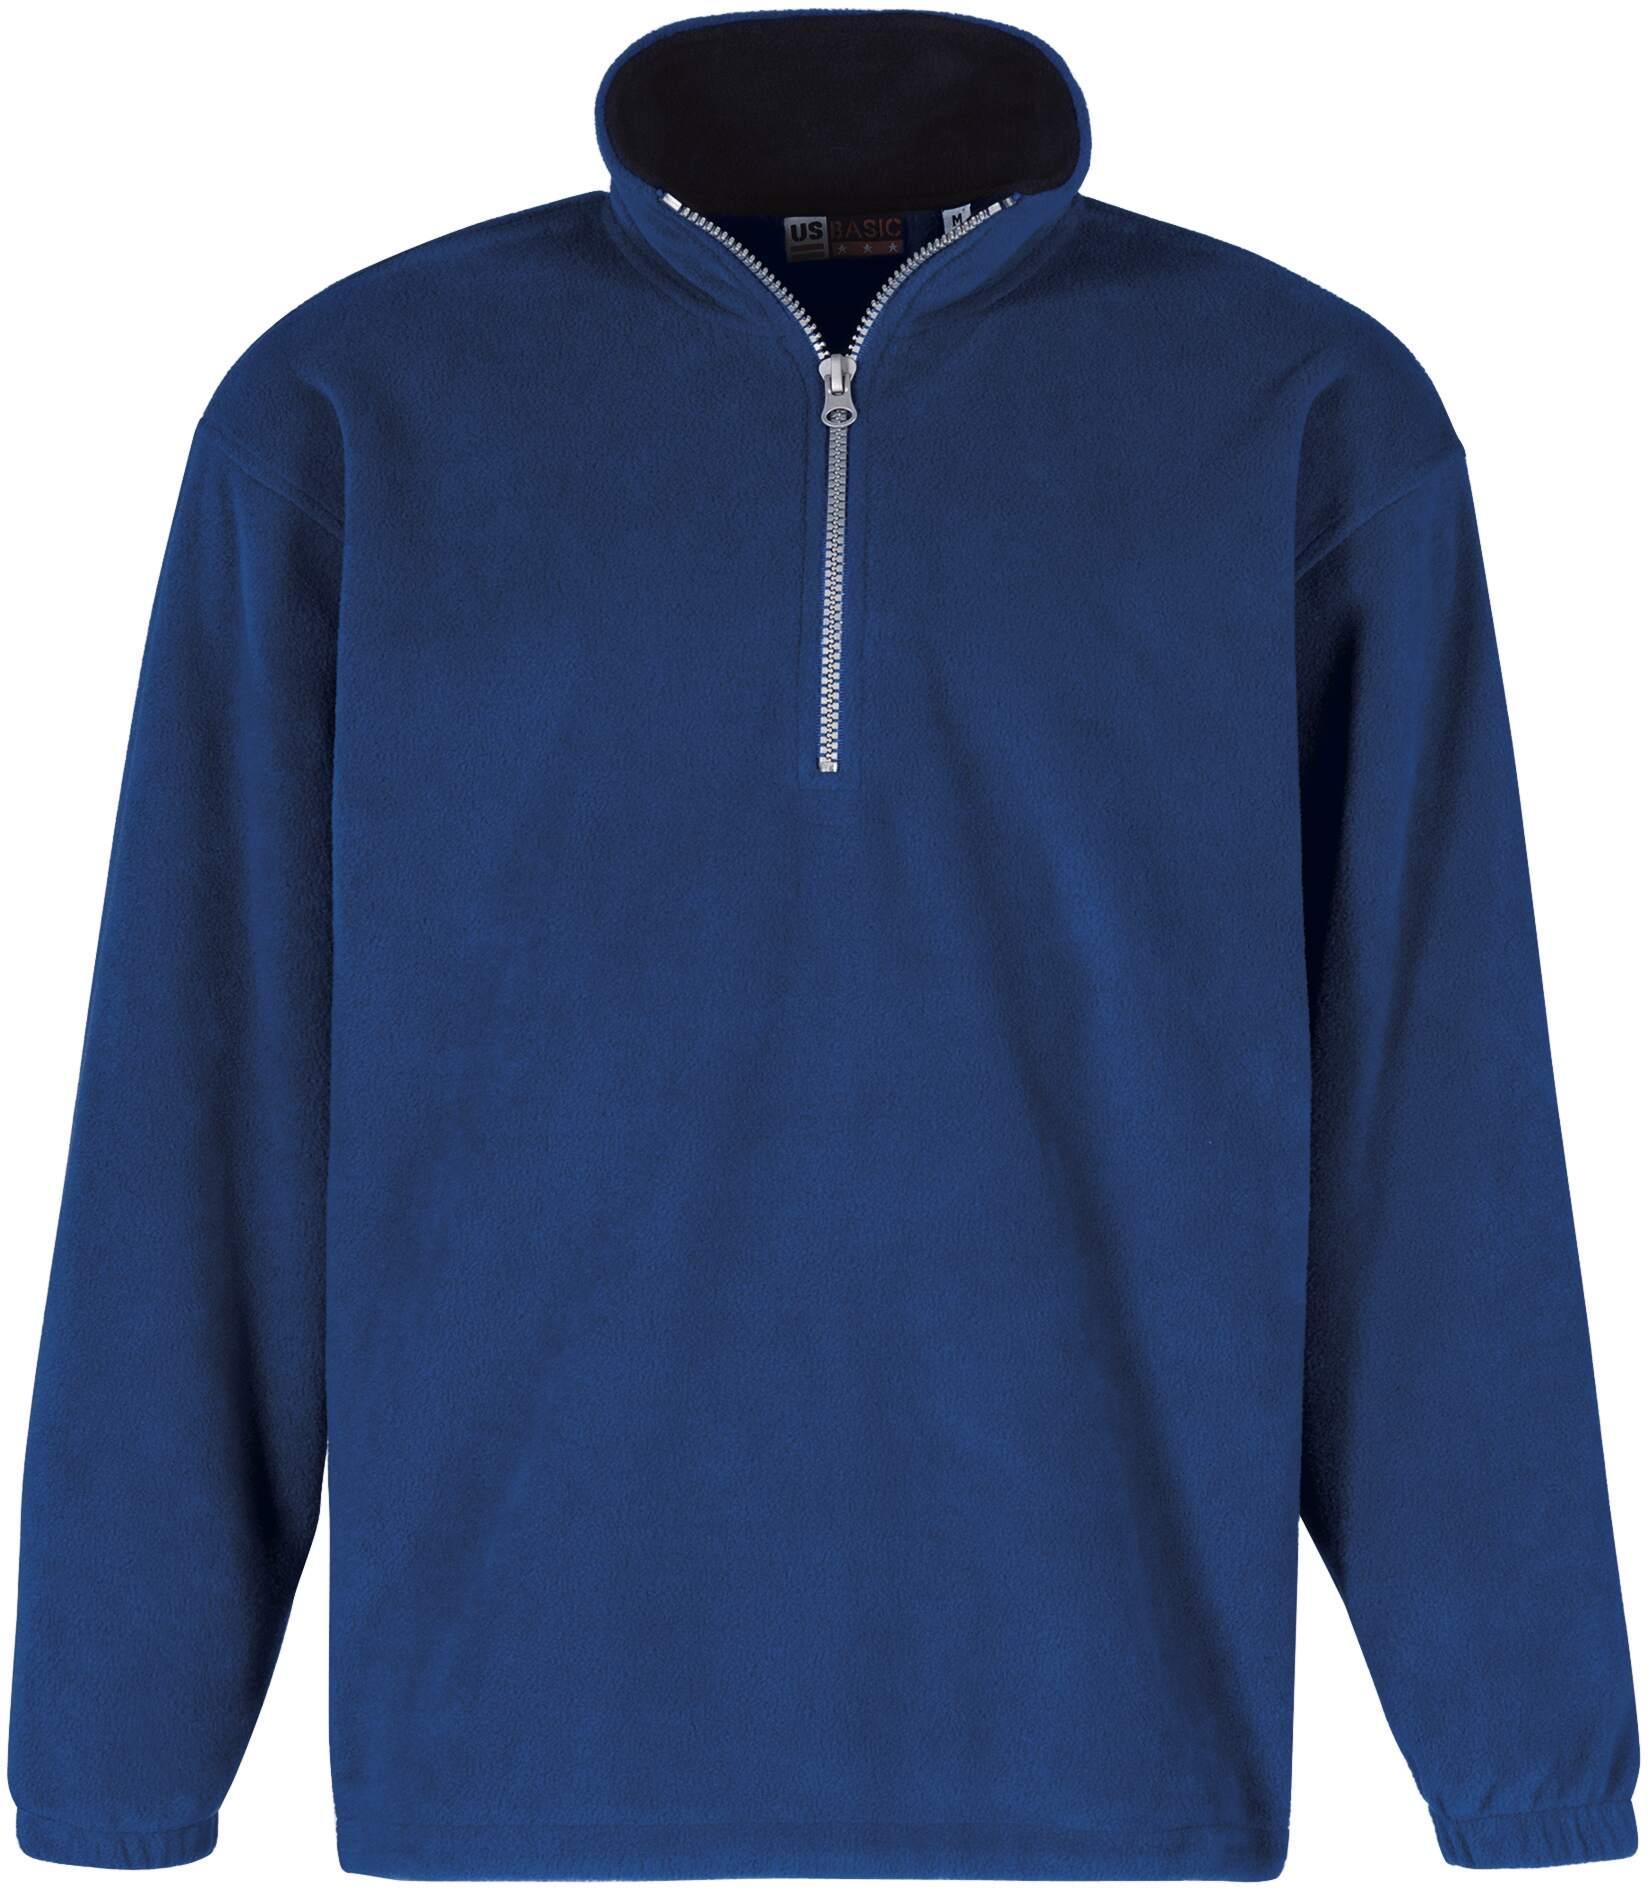 Bluza Polarowa 31797 Taos Us - 31797_błękit królewski_granatowy_US - Kolor: Błękit królewski/Granatowy